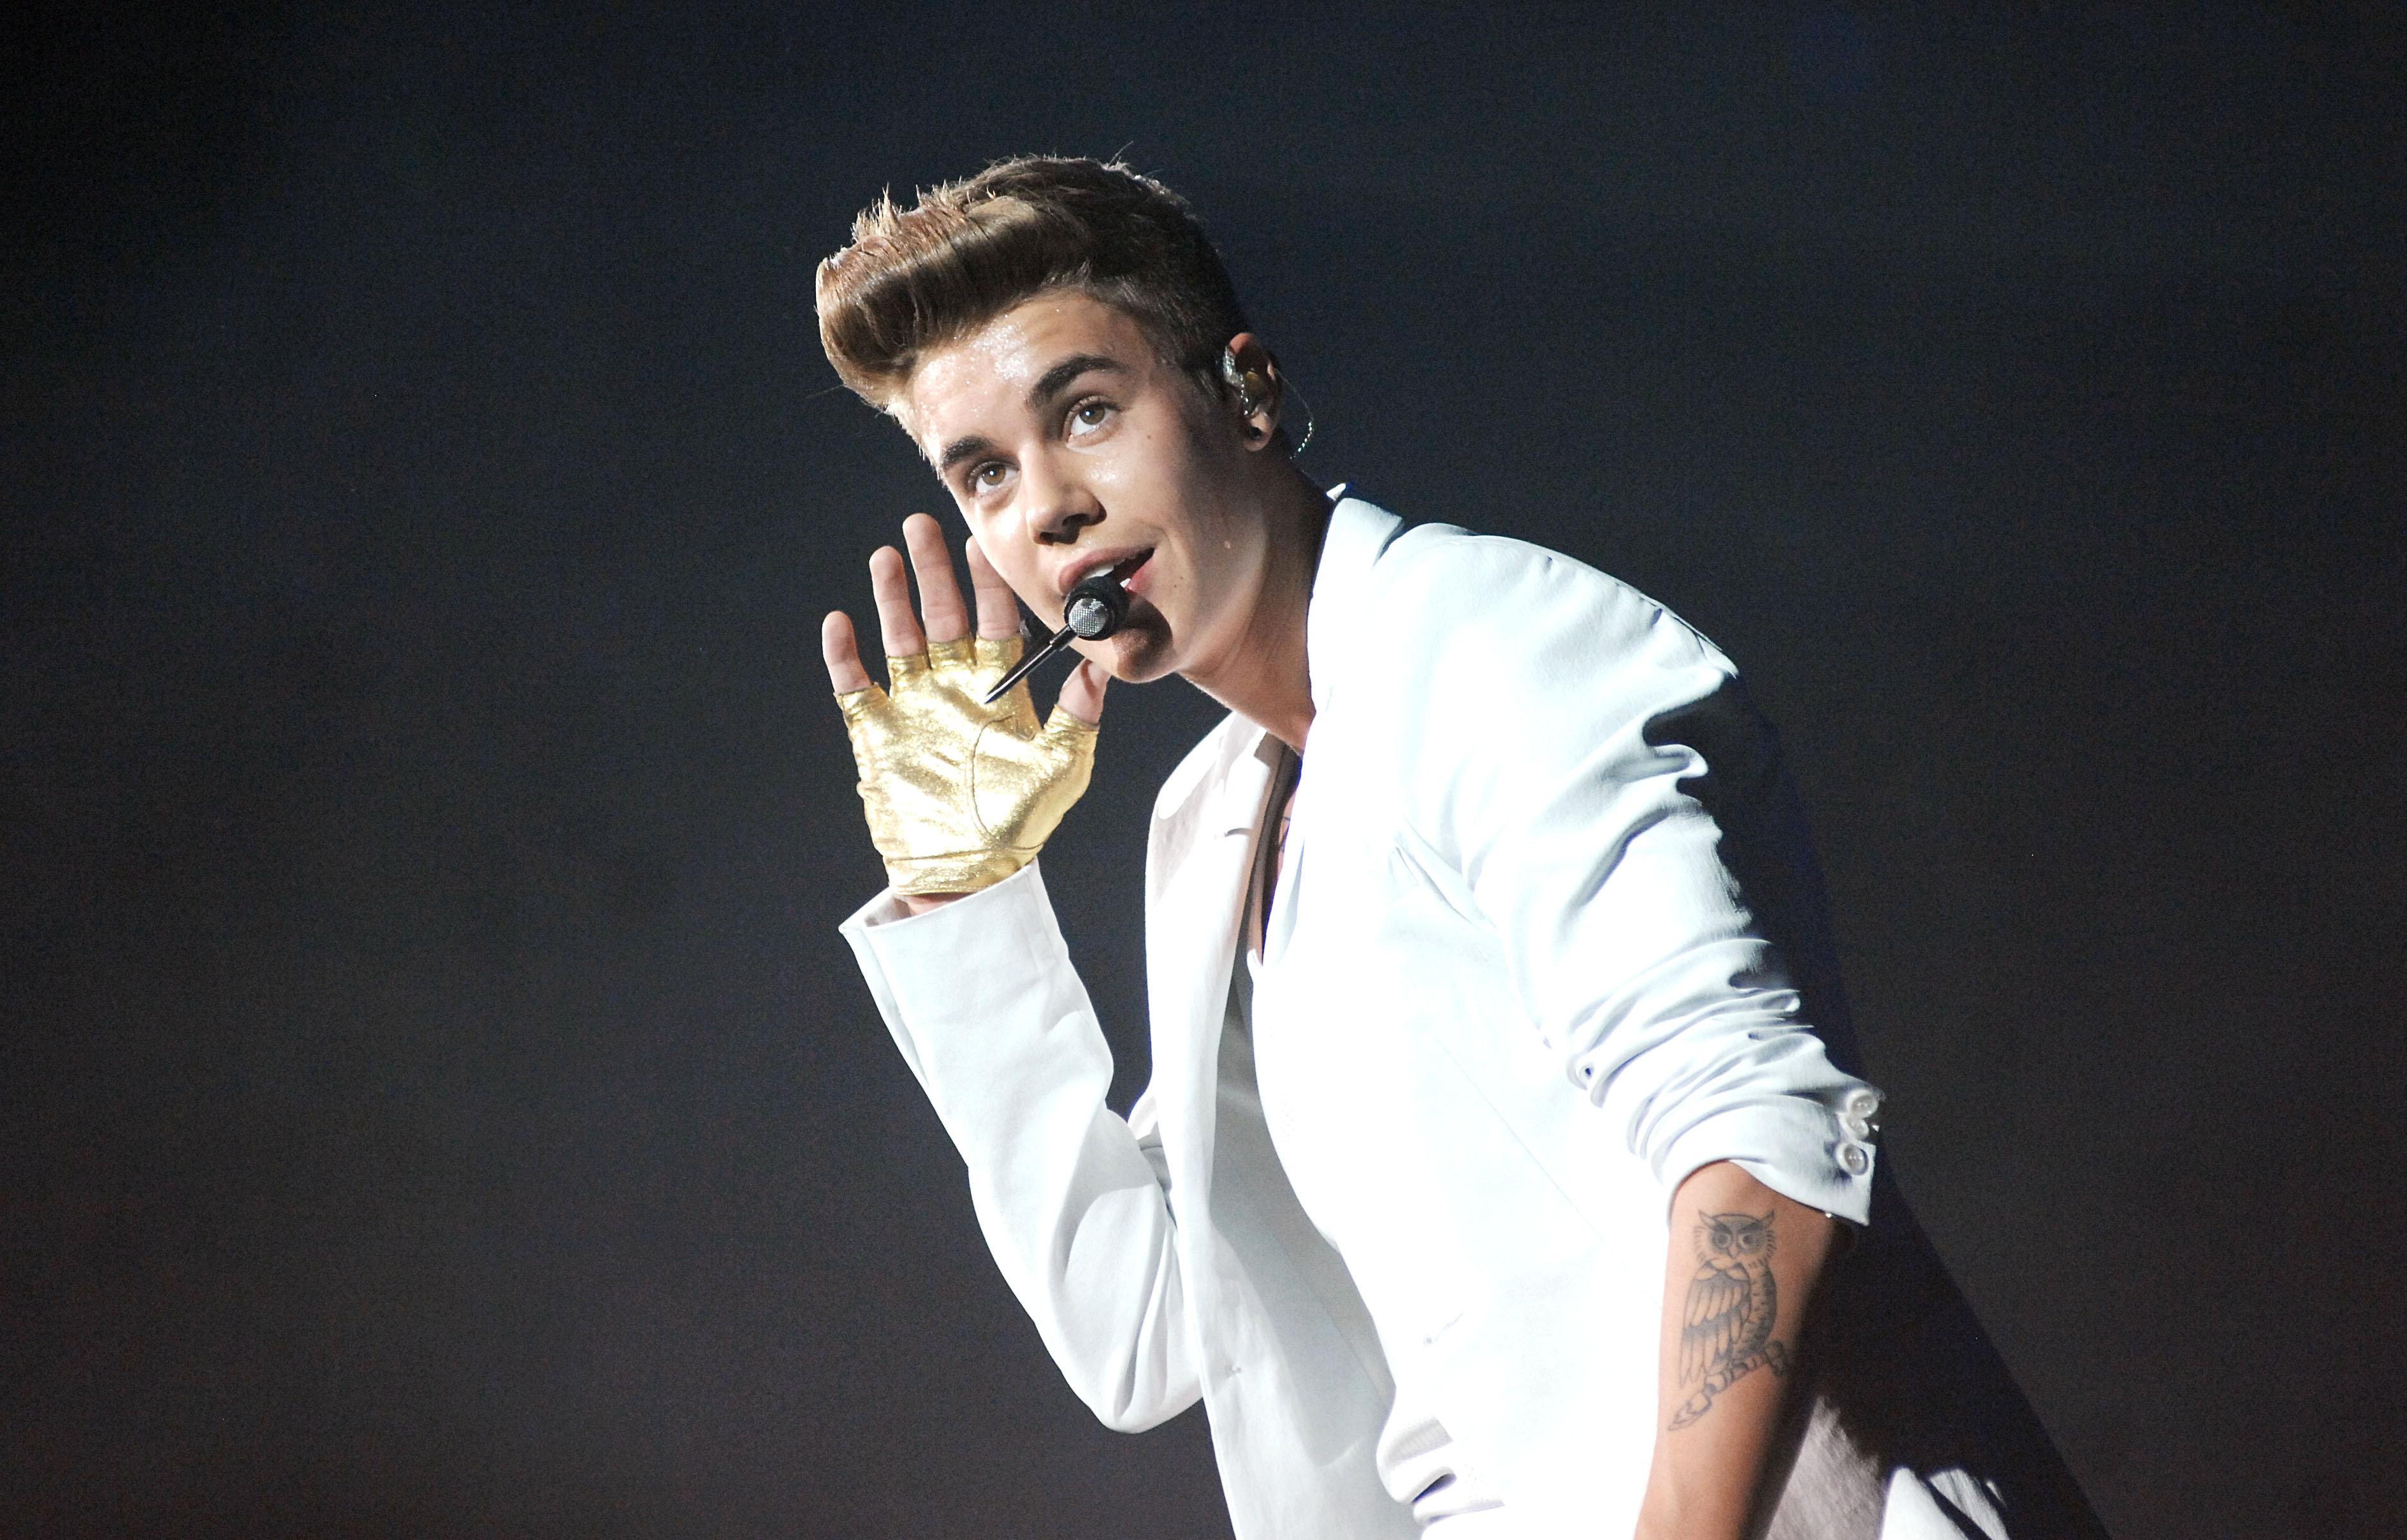 Justin Bieber Hd Wallpaper 2014 Justin Bieber Wallpaper High Quality Pixelstalk Net